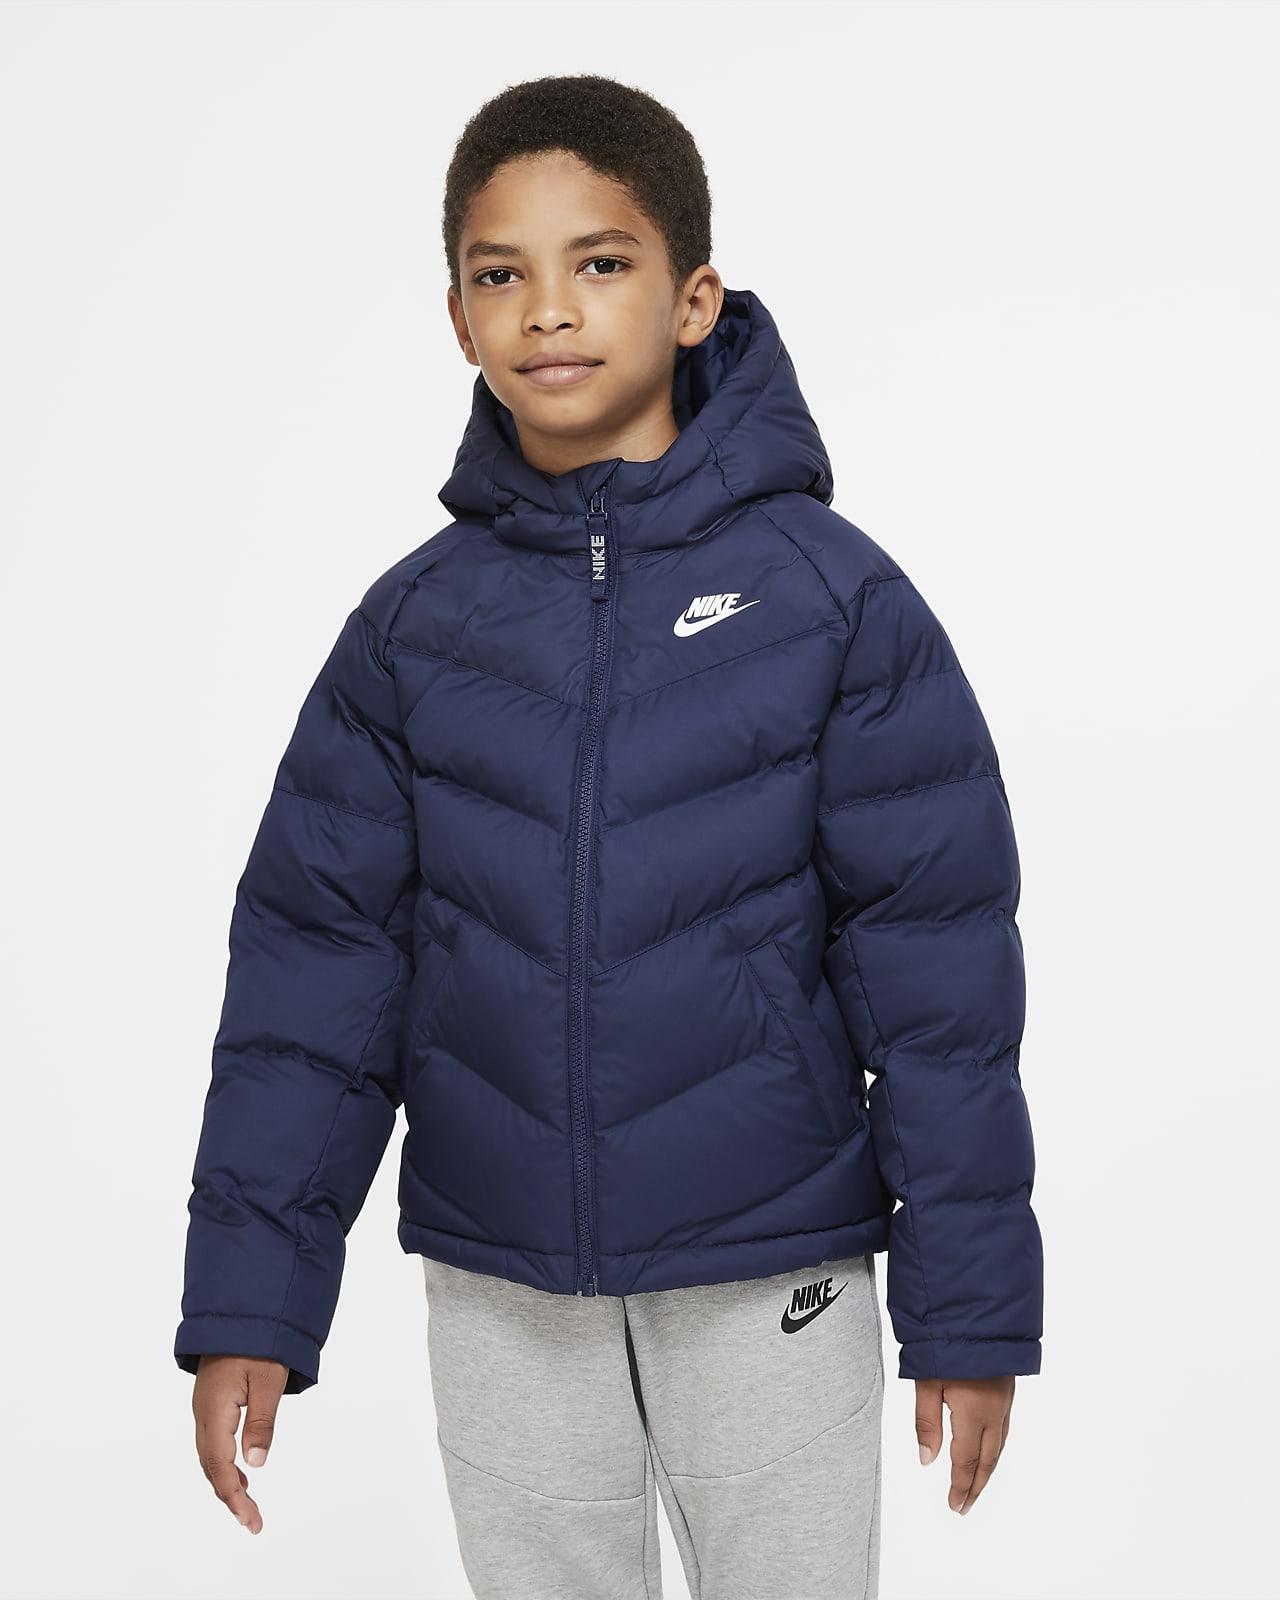 Nike Sportswear jakke med syntetisk fyll til store barn